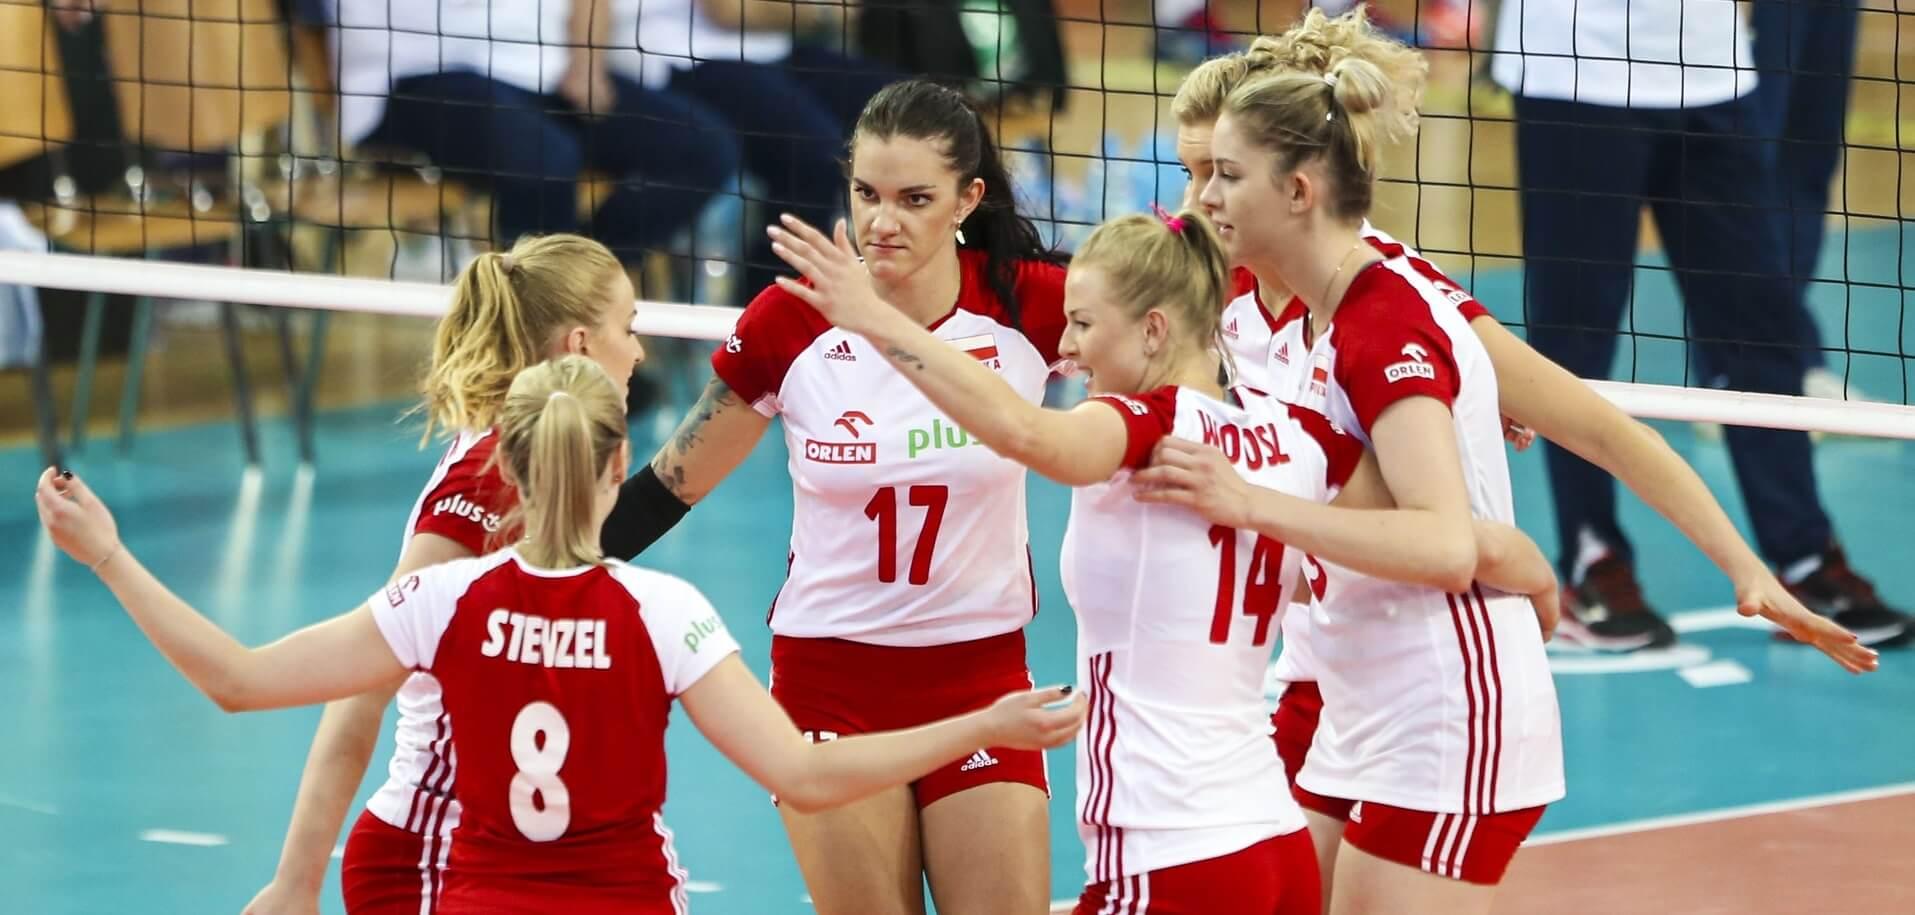 Polskie siatkarki awansowały do ćwierćfinału mistrzostw Europy